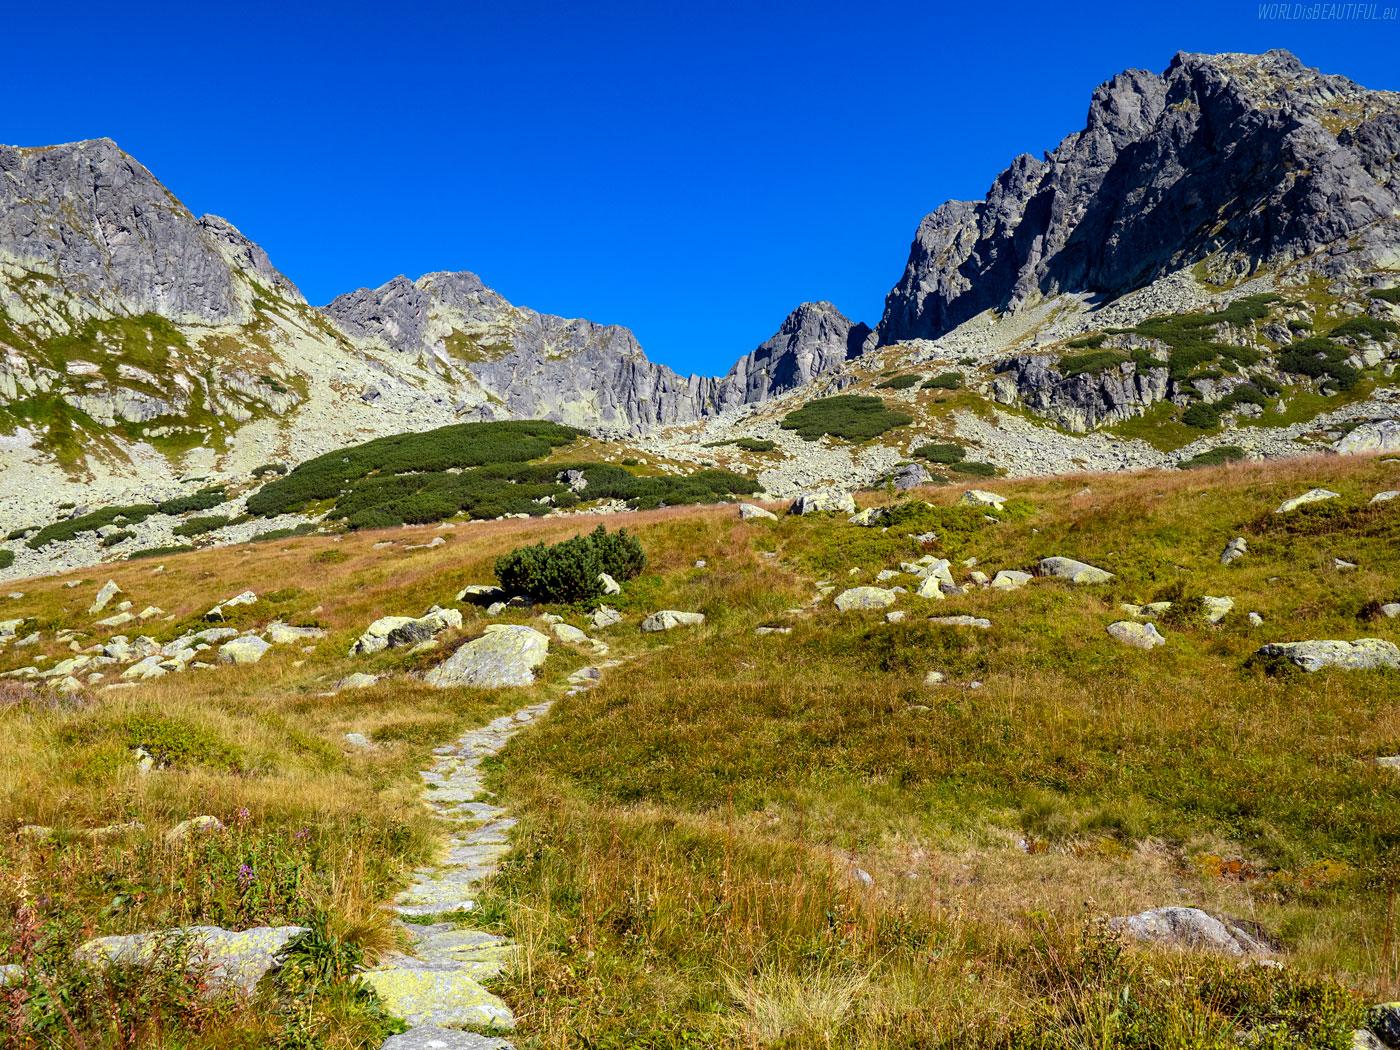 The trail to Kozia Przełęcz